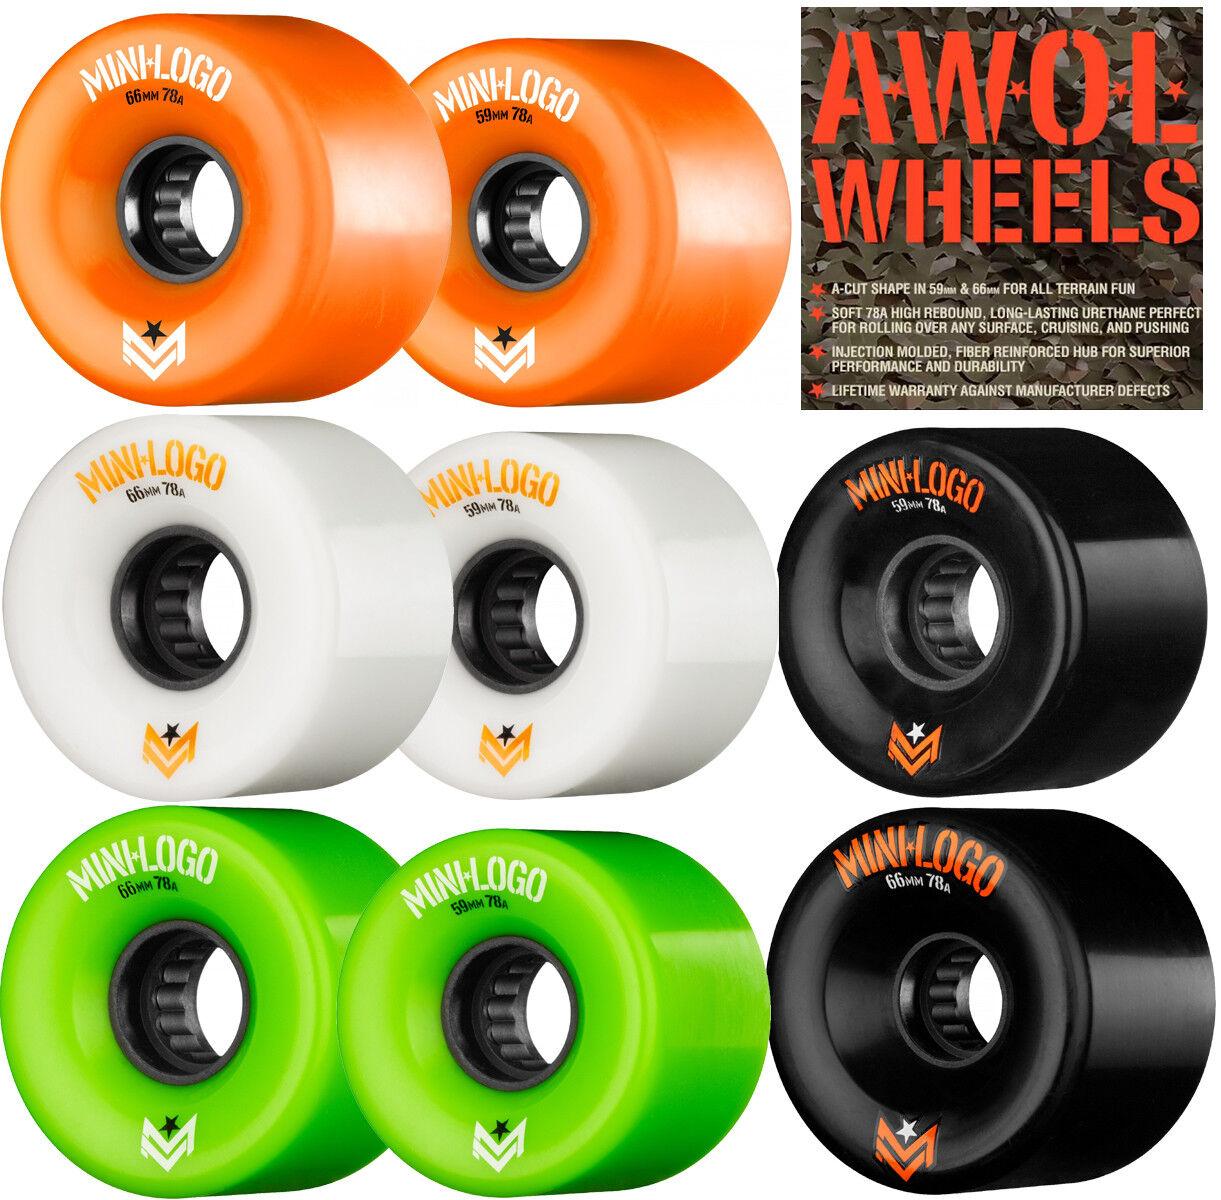 Powell / Mini Logo a. W. O. L.78a Skateboard 66mm Räder 59 Or 66mm Skateboard Alle Terrains d64c64